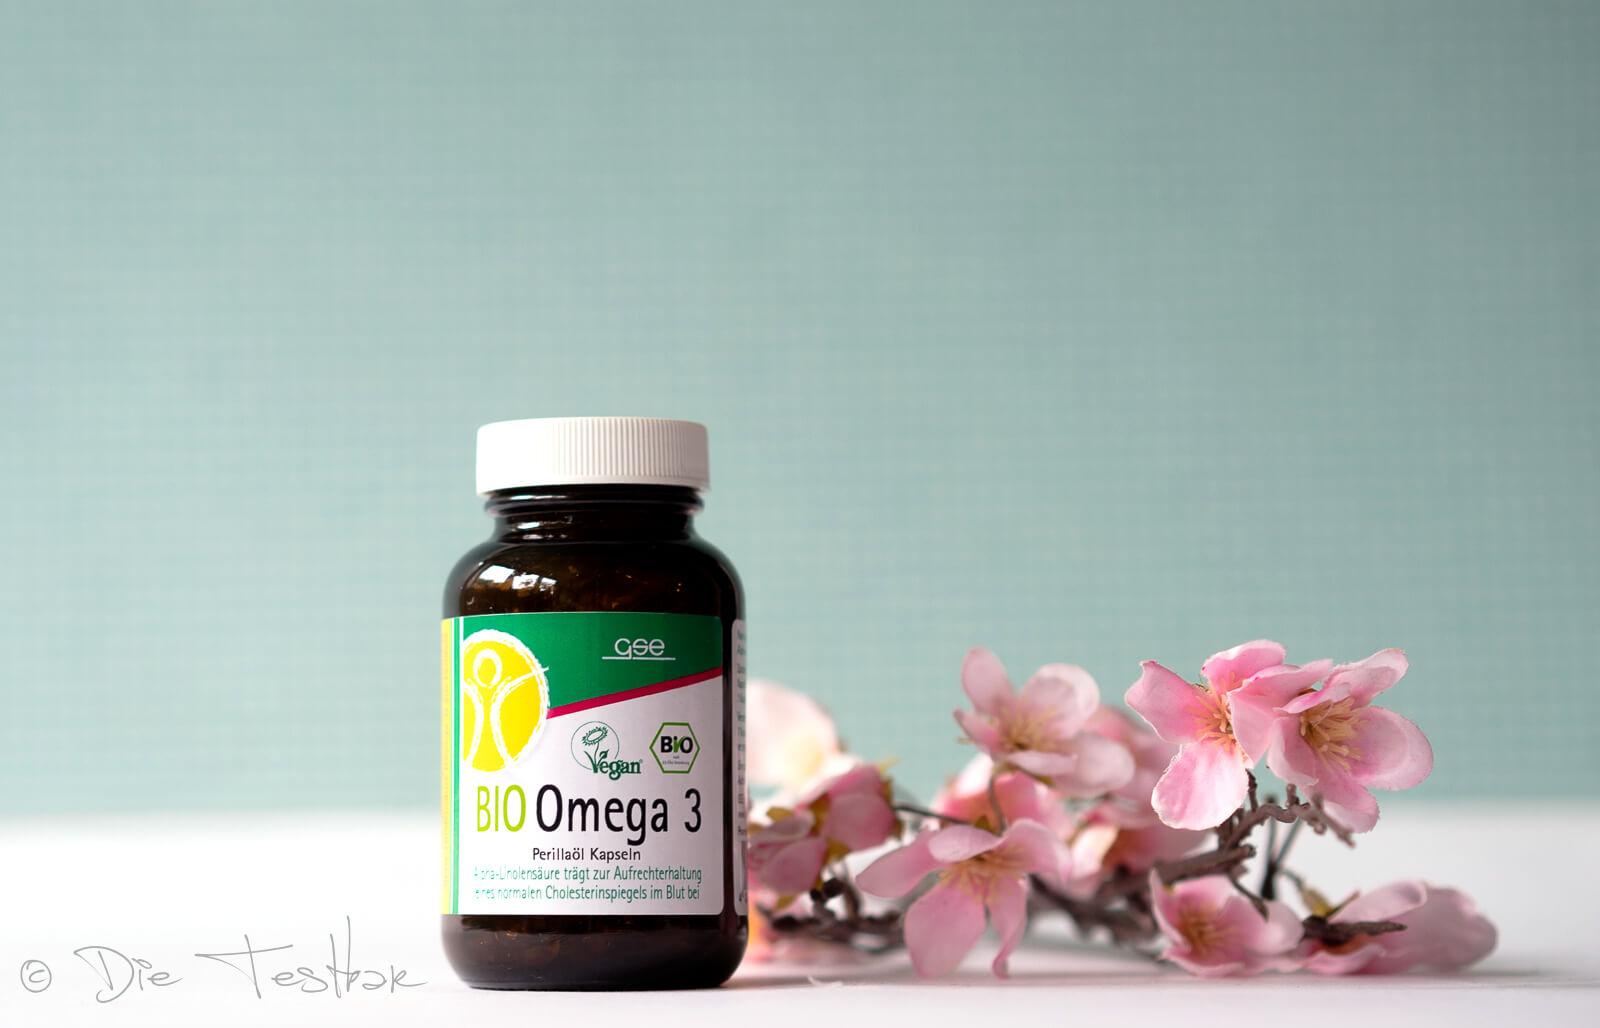 Omega 3 - Perillaöl Kapseln (Bio)